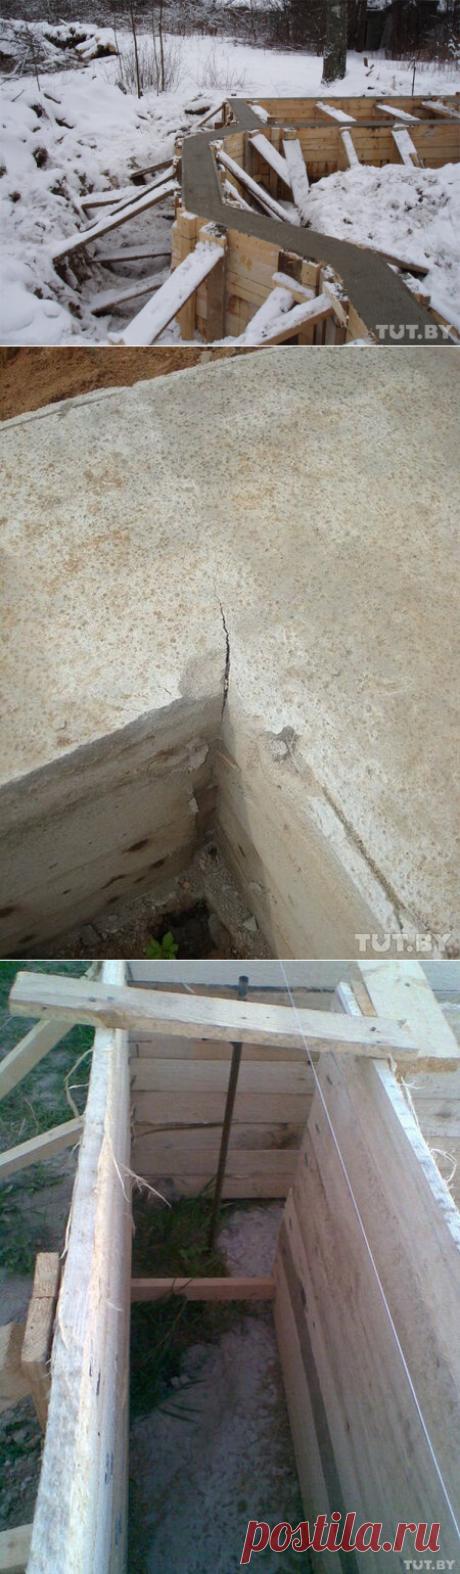 4 испорченных фундамента или как делать не надо! | Железное Дерево | Яндекс Дзен